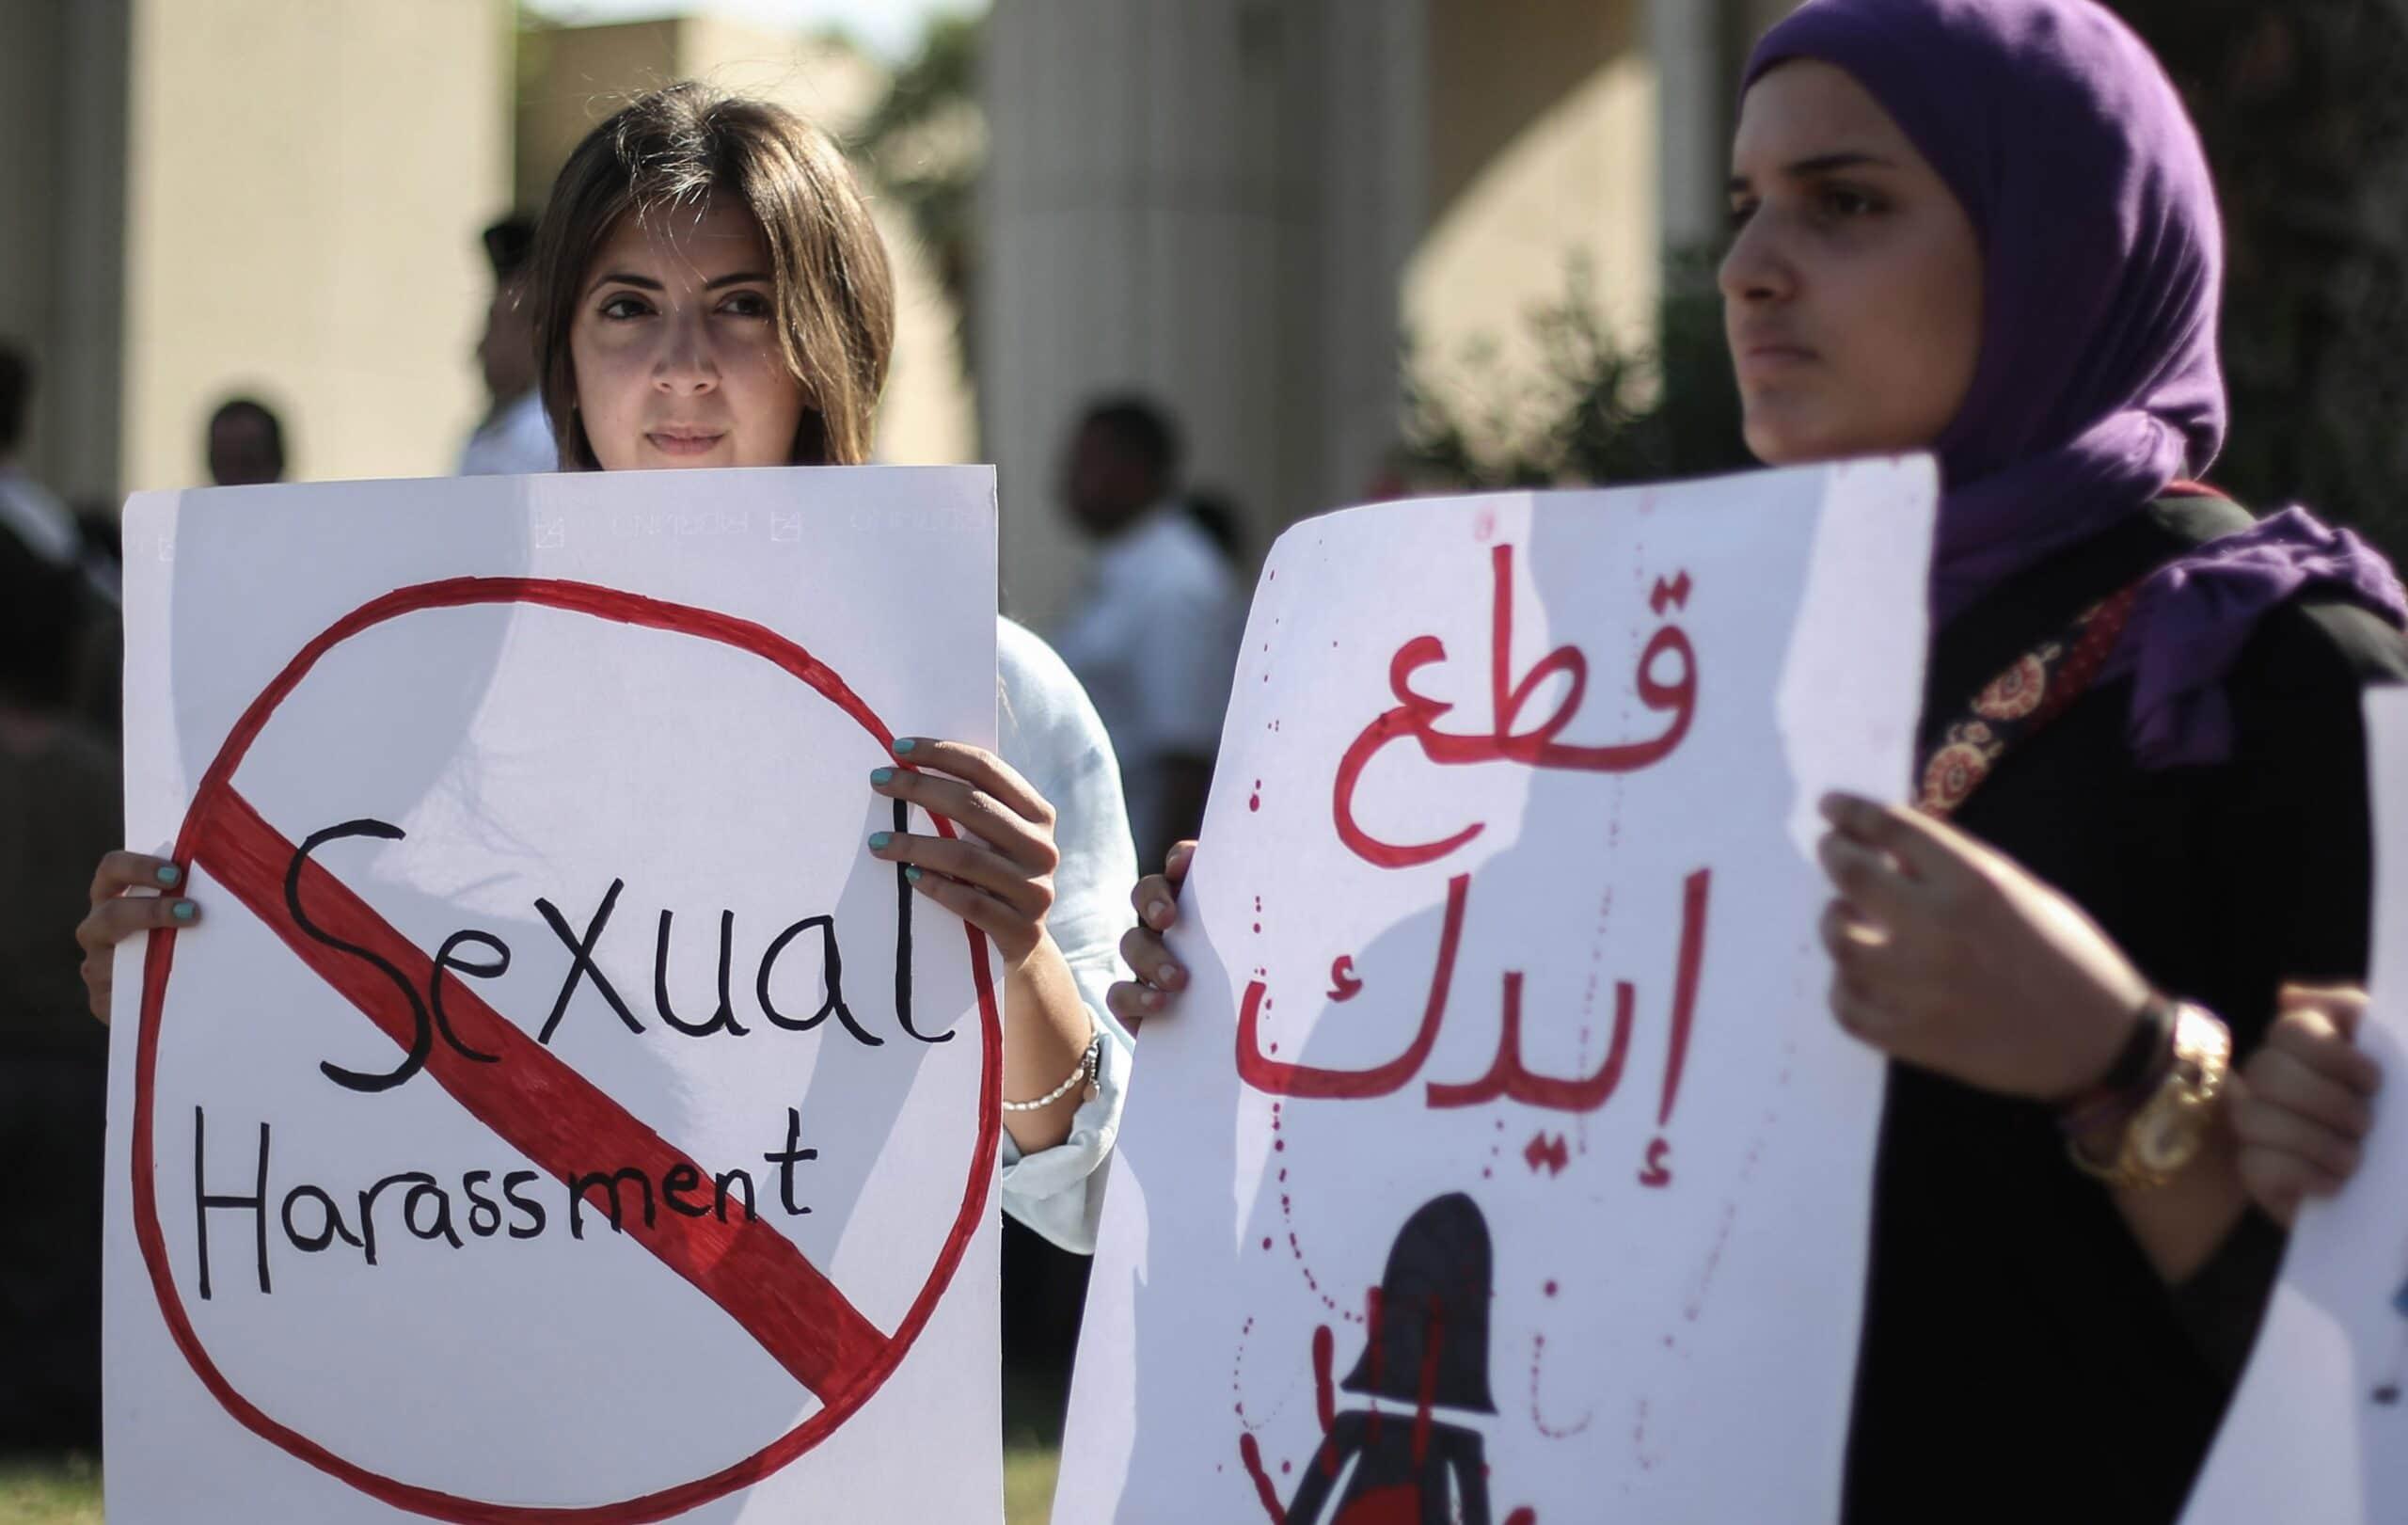 البرلمان المصري يدرس تغليظ عقوبة التحرش وتحويلها من جنحة إلى جناية